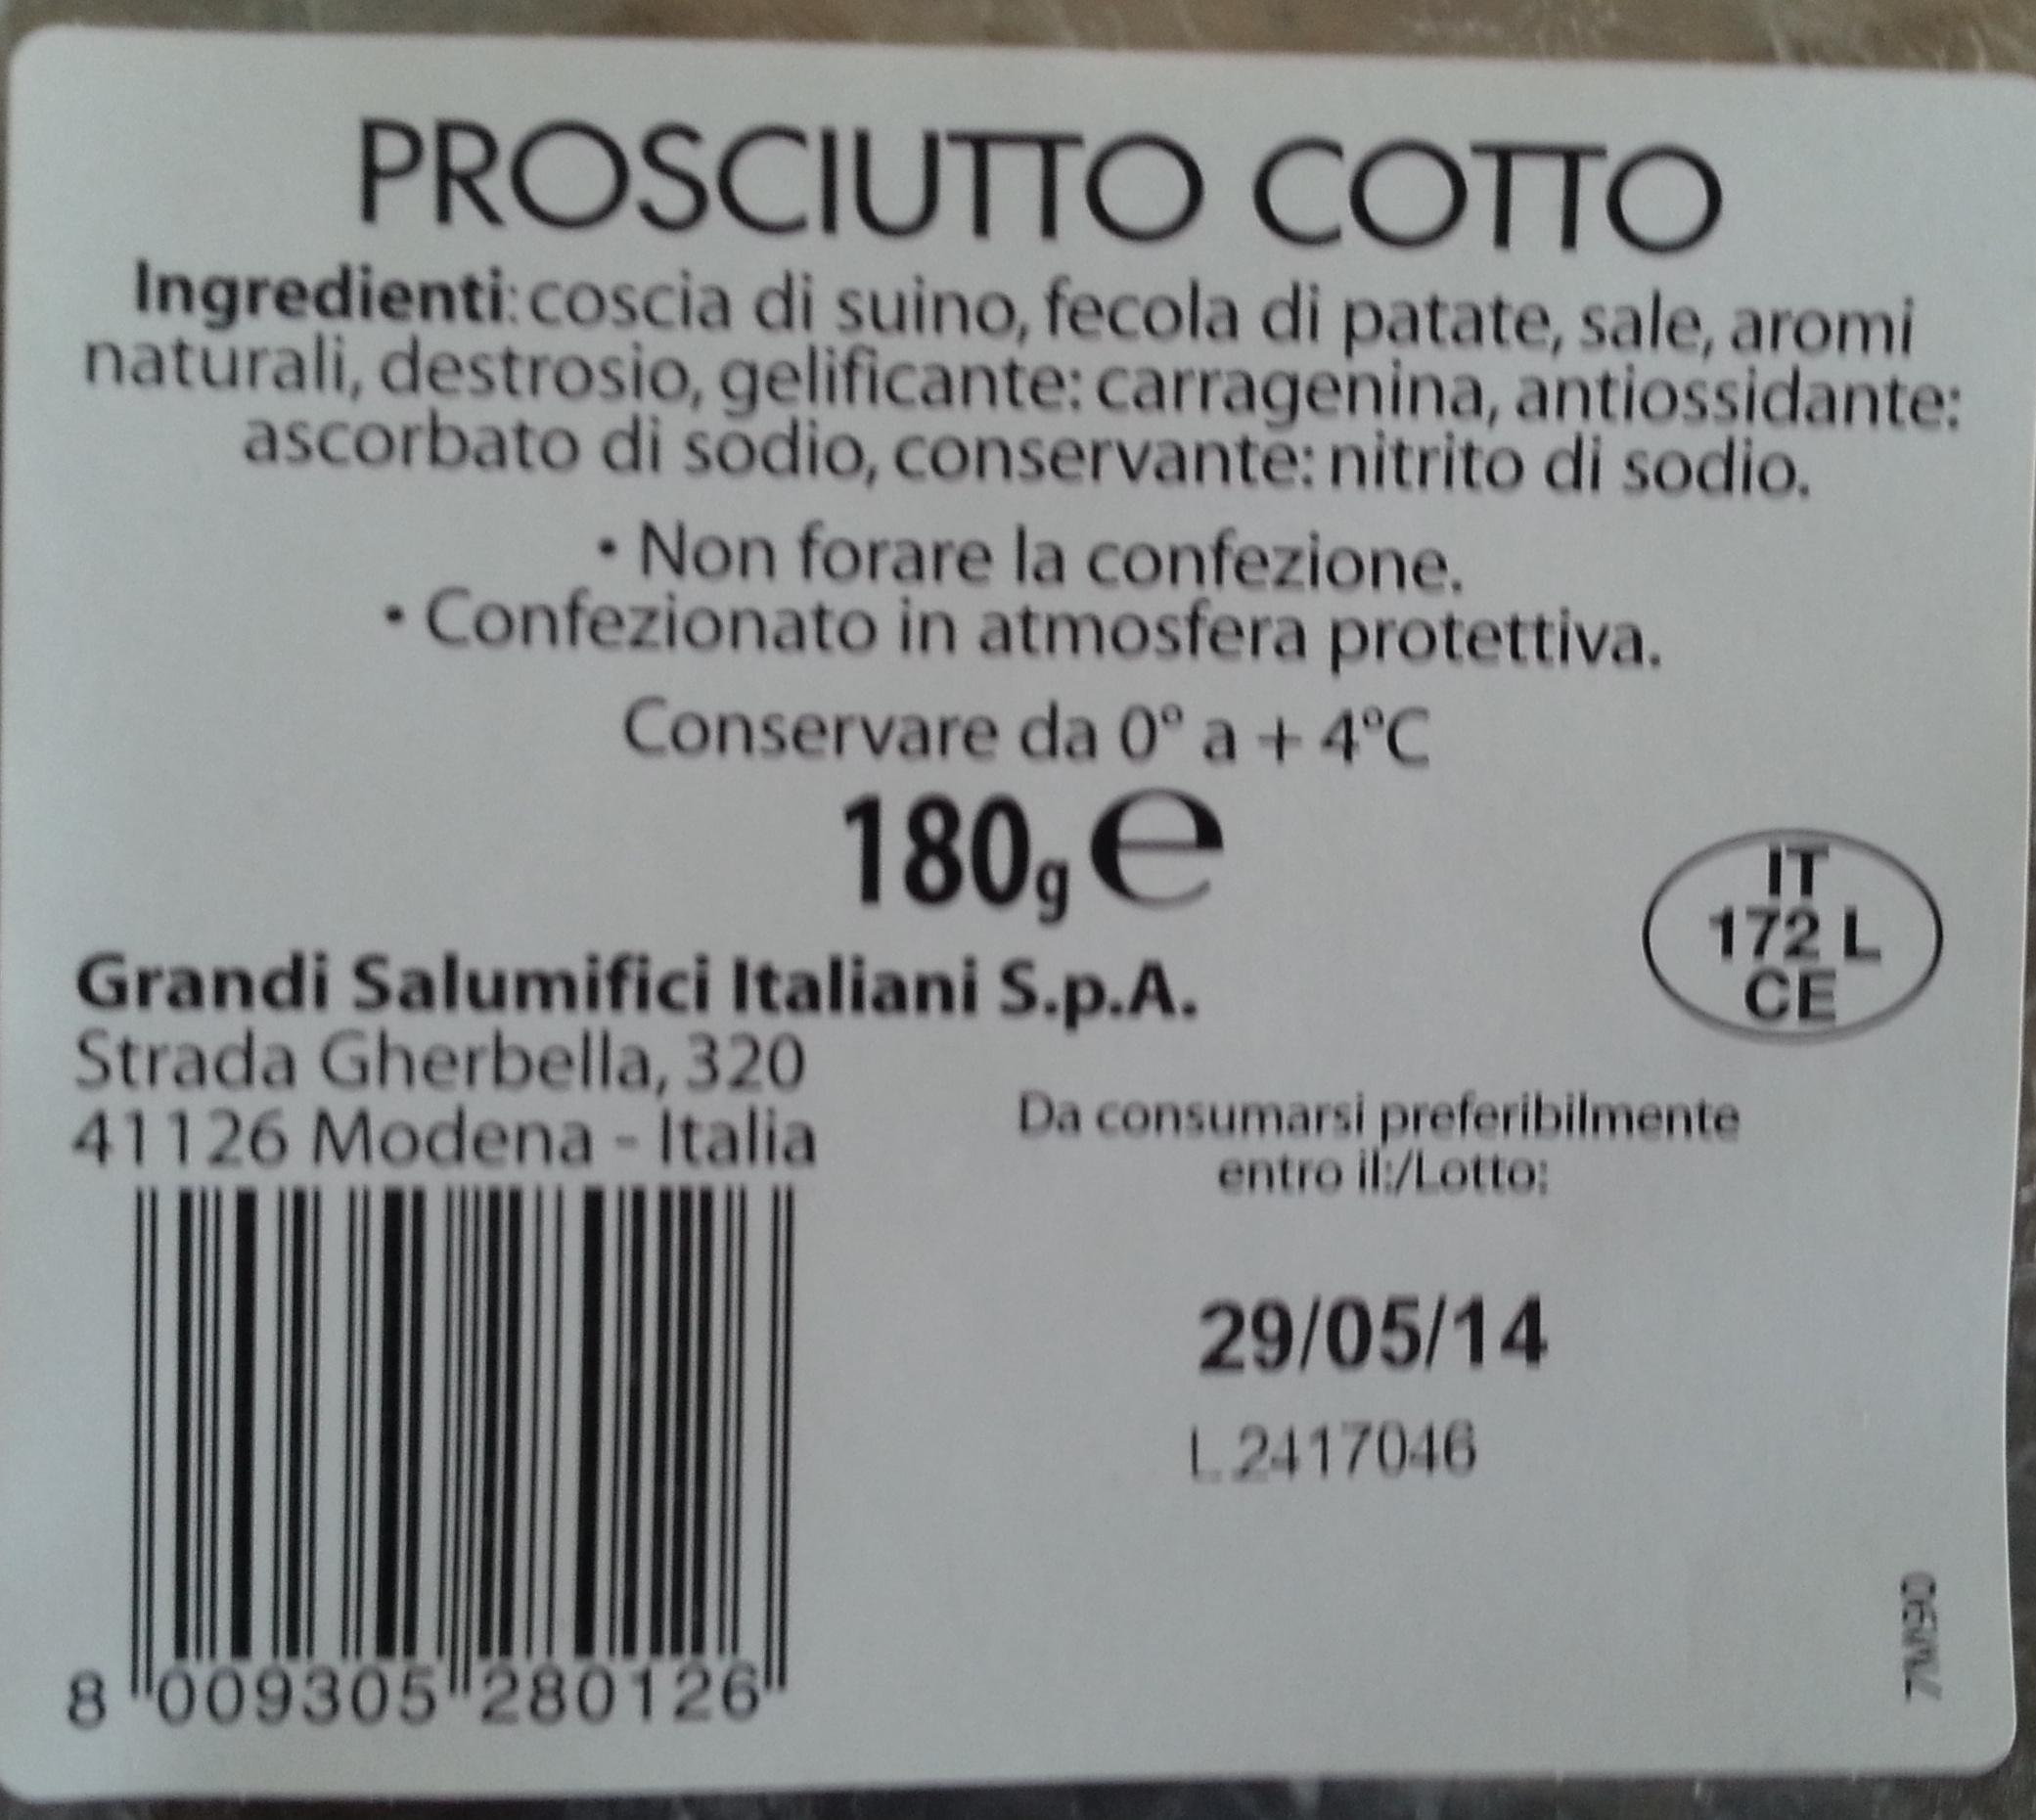 Prosciutto cotto - Product - it